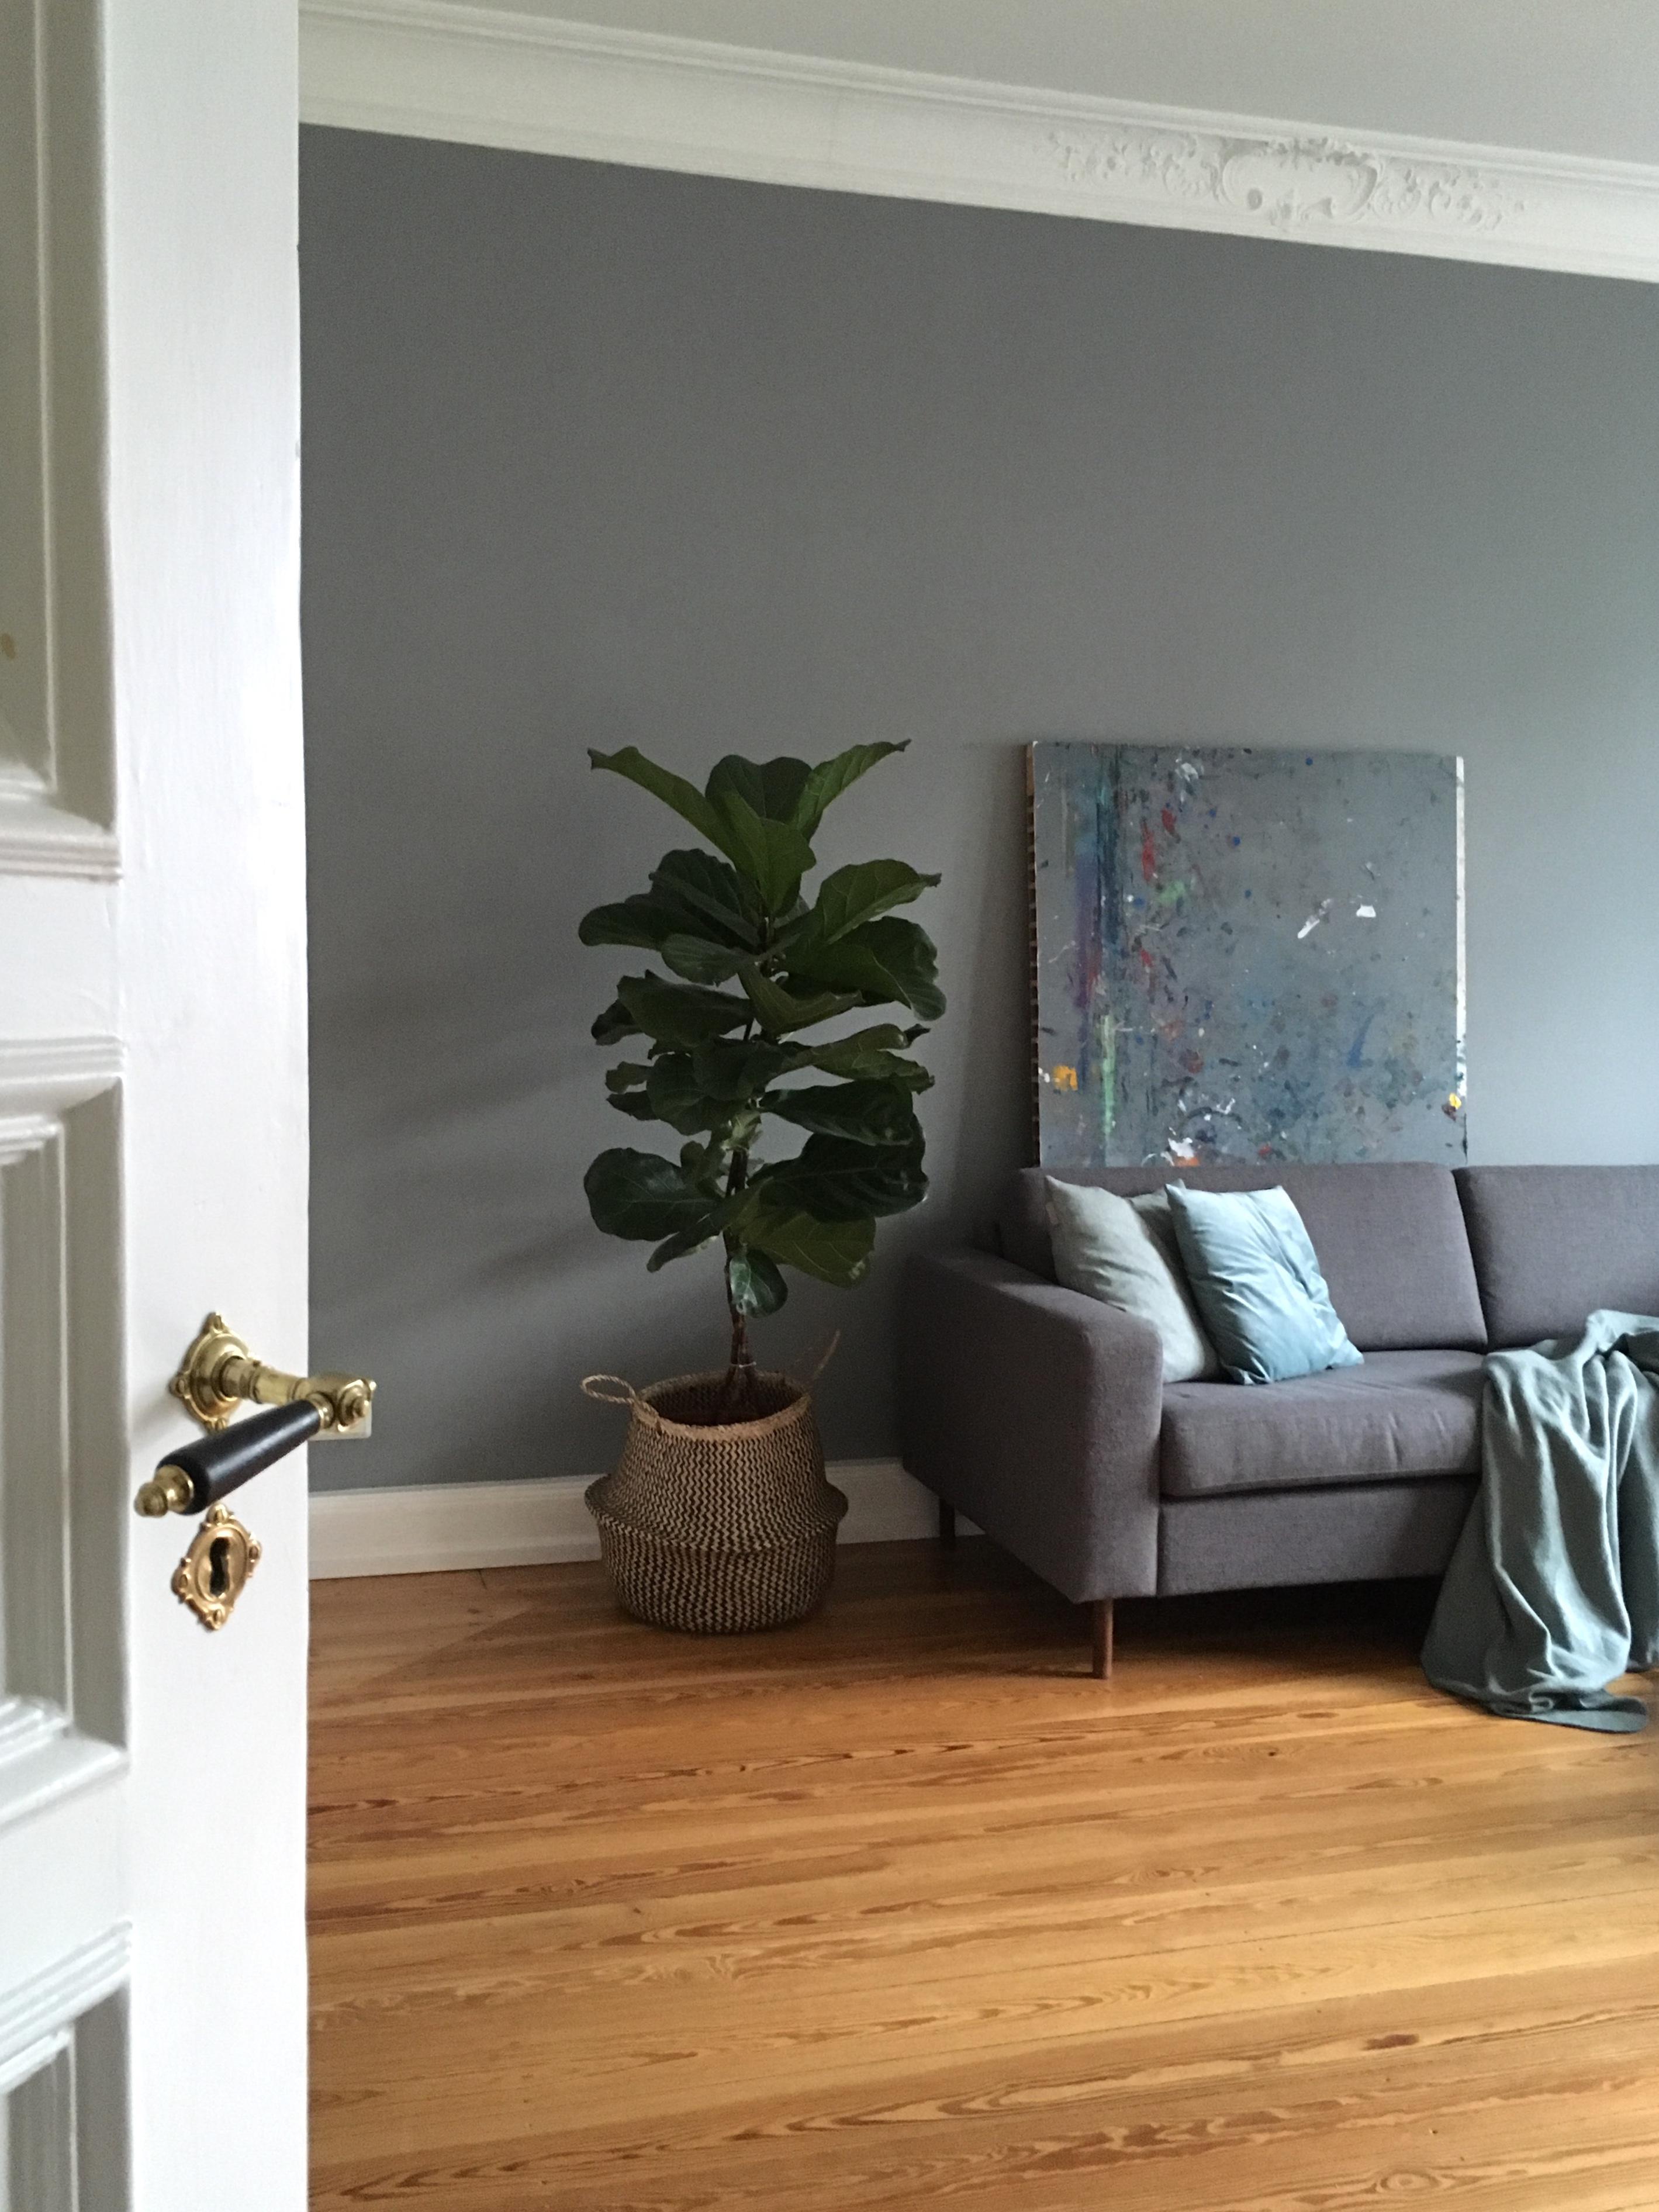 Dielenboden • Bilder & Ideen • Couchstyle